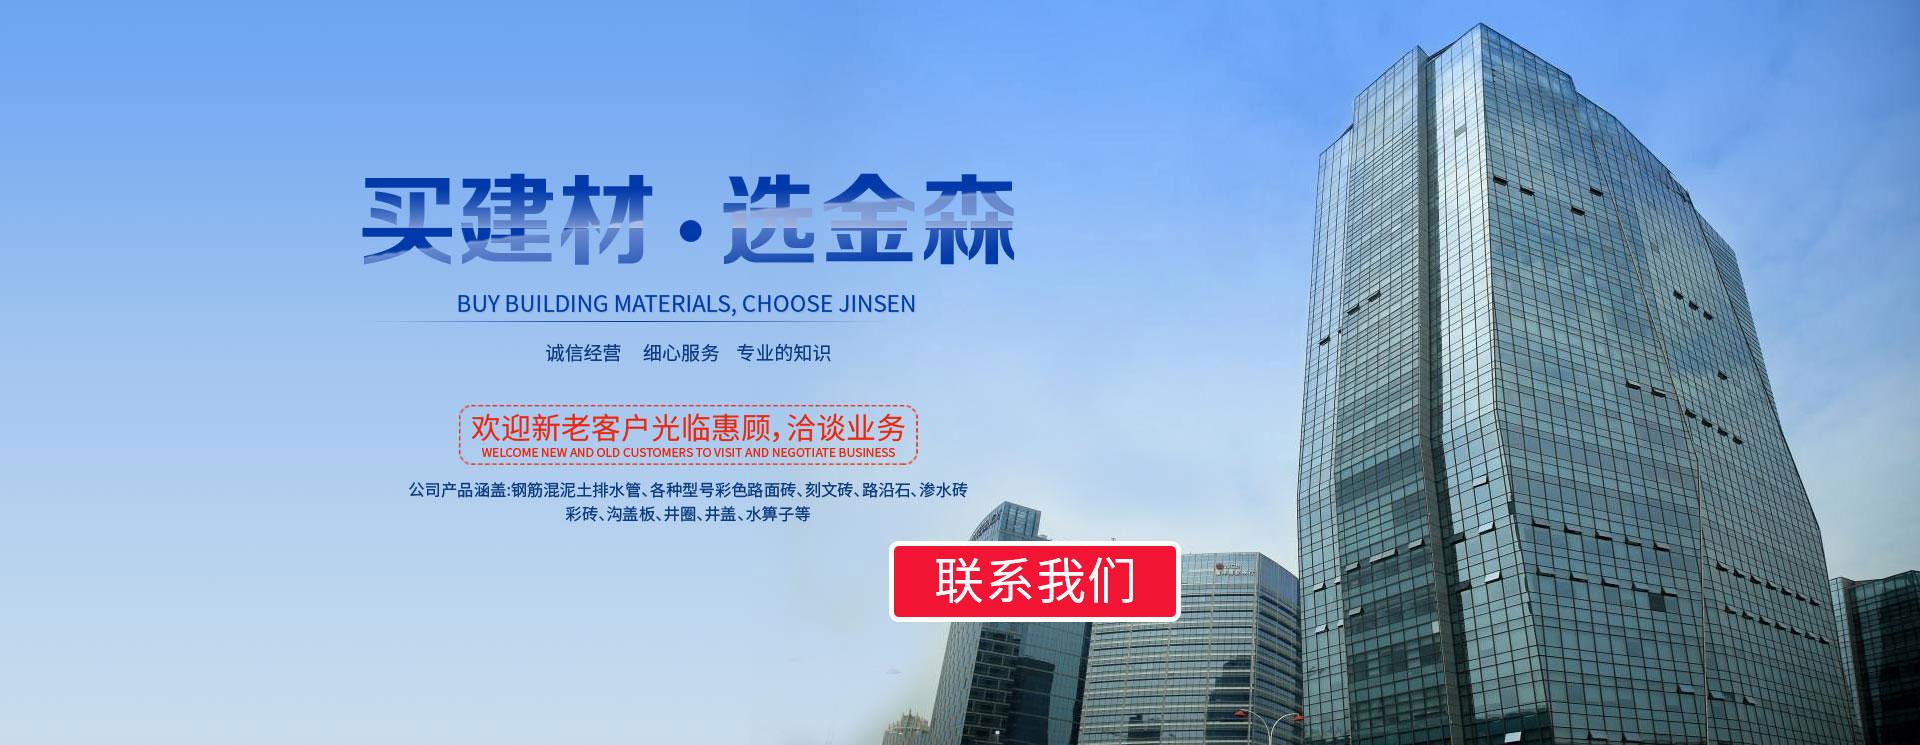 洪湖金森环保建筑材料股份有限公司